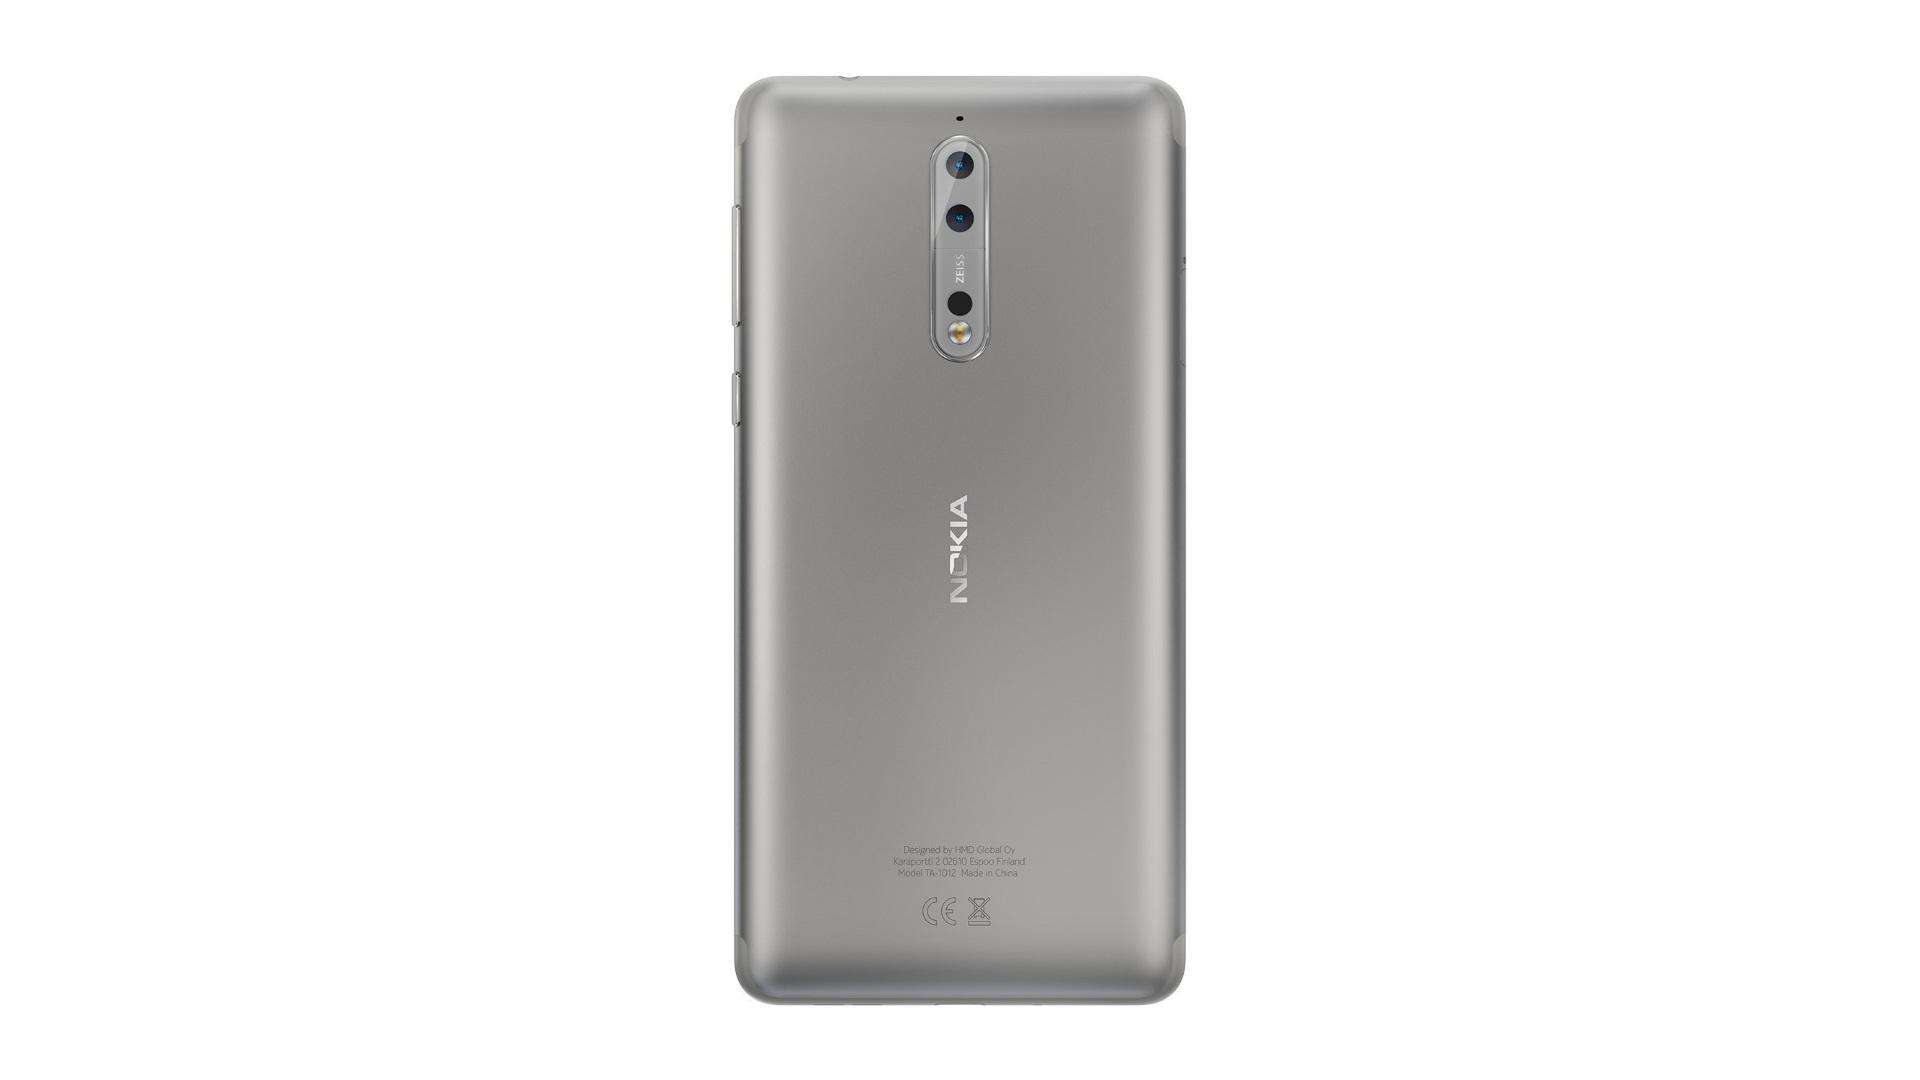 ドイツAmazonで「Nokia 8」の予約受付中、9月8日入荷予定で日本直送にも対応